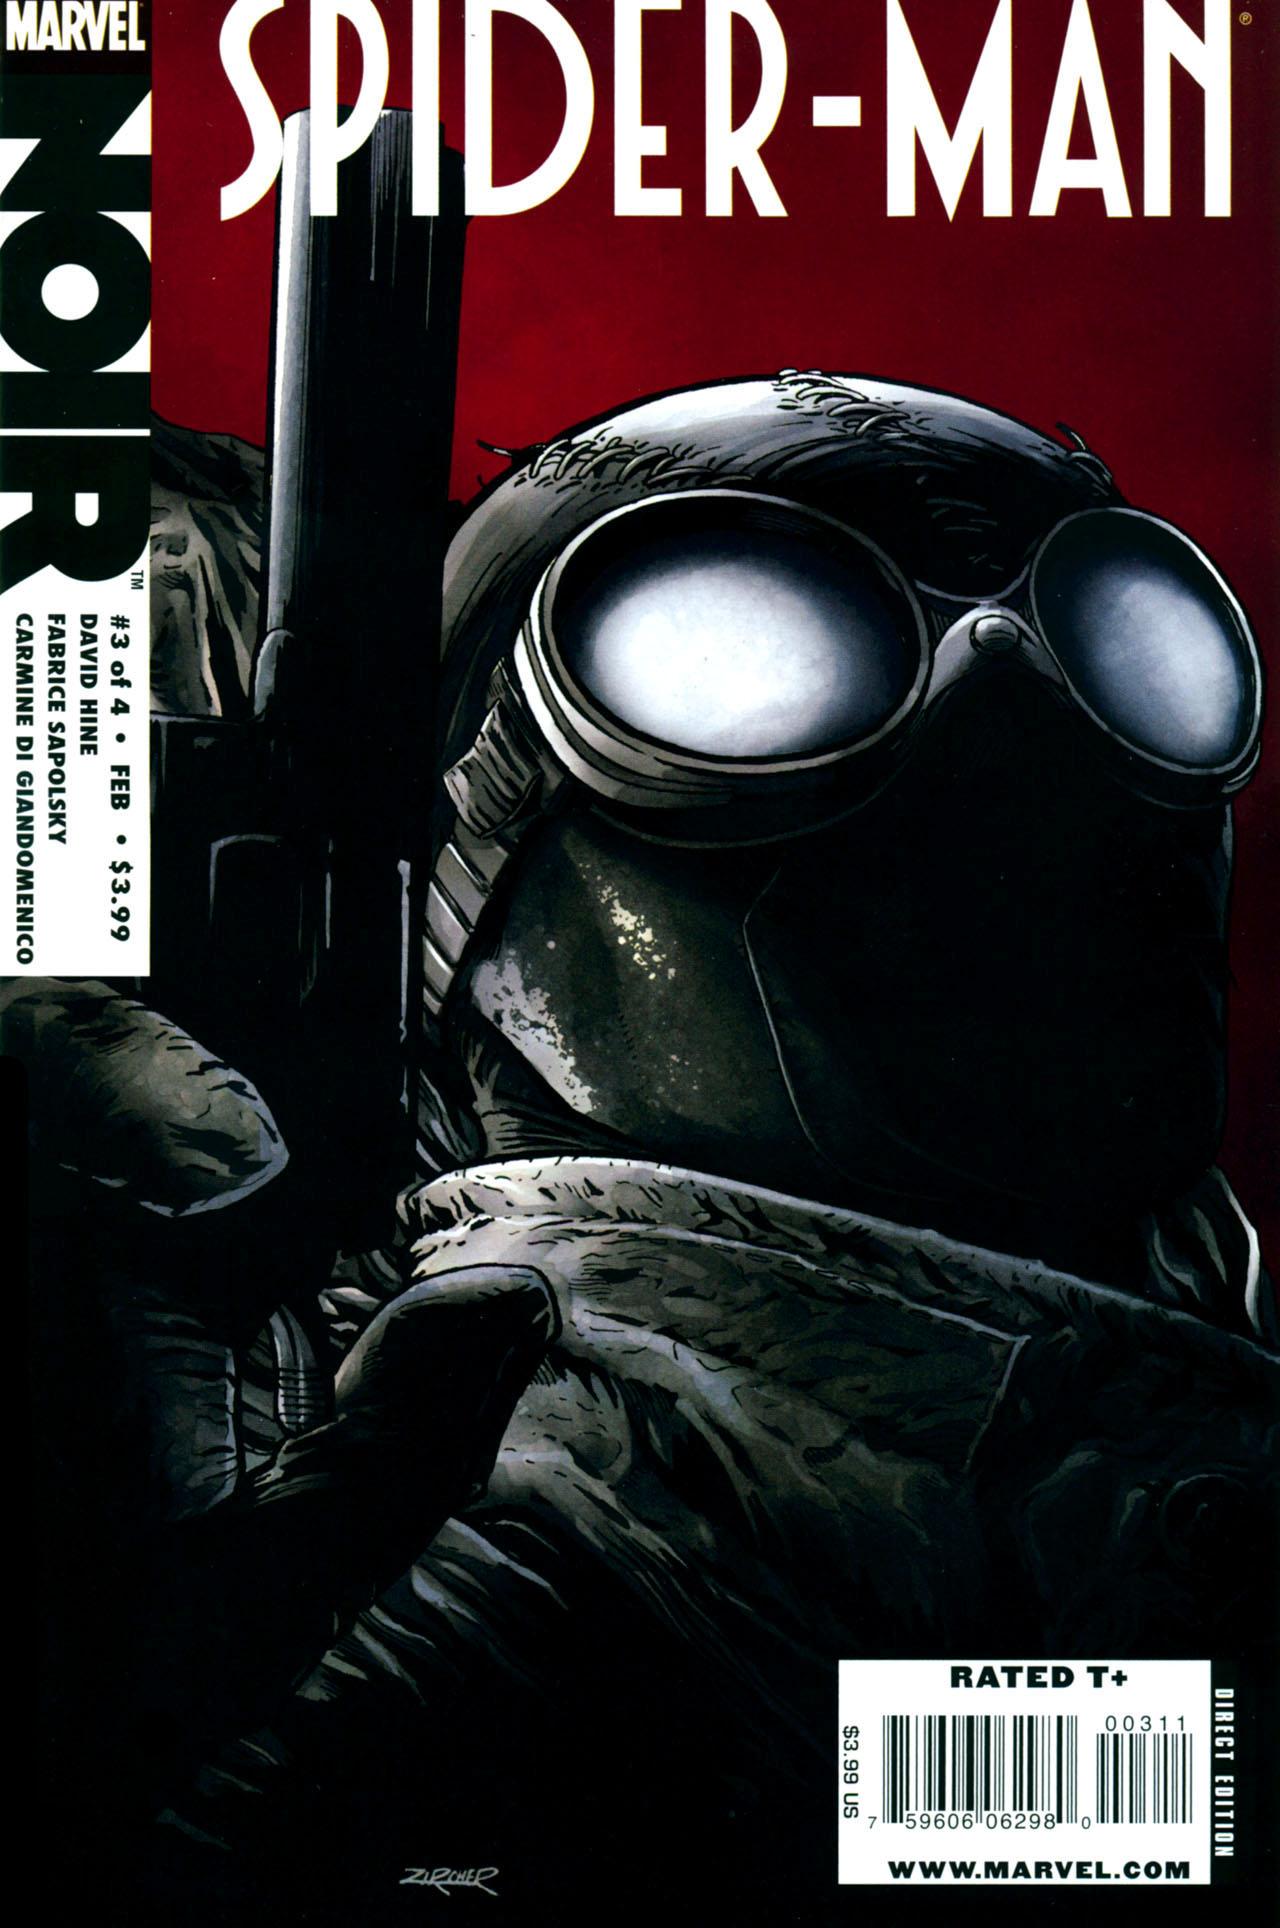 Spider man noir vol 1 3 - Spiderman noir 3 ...